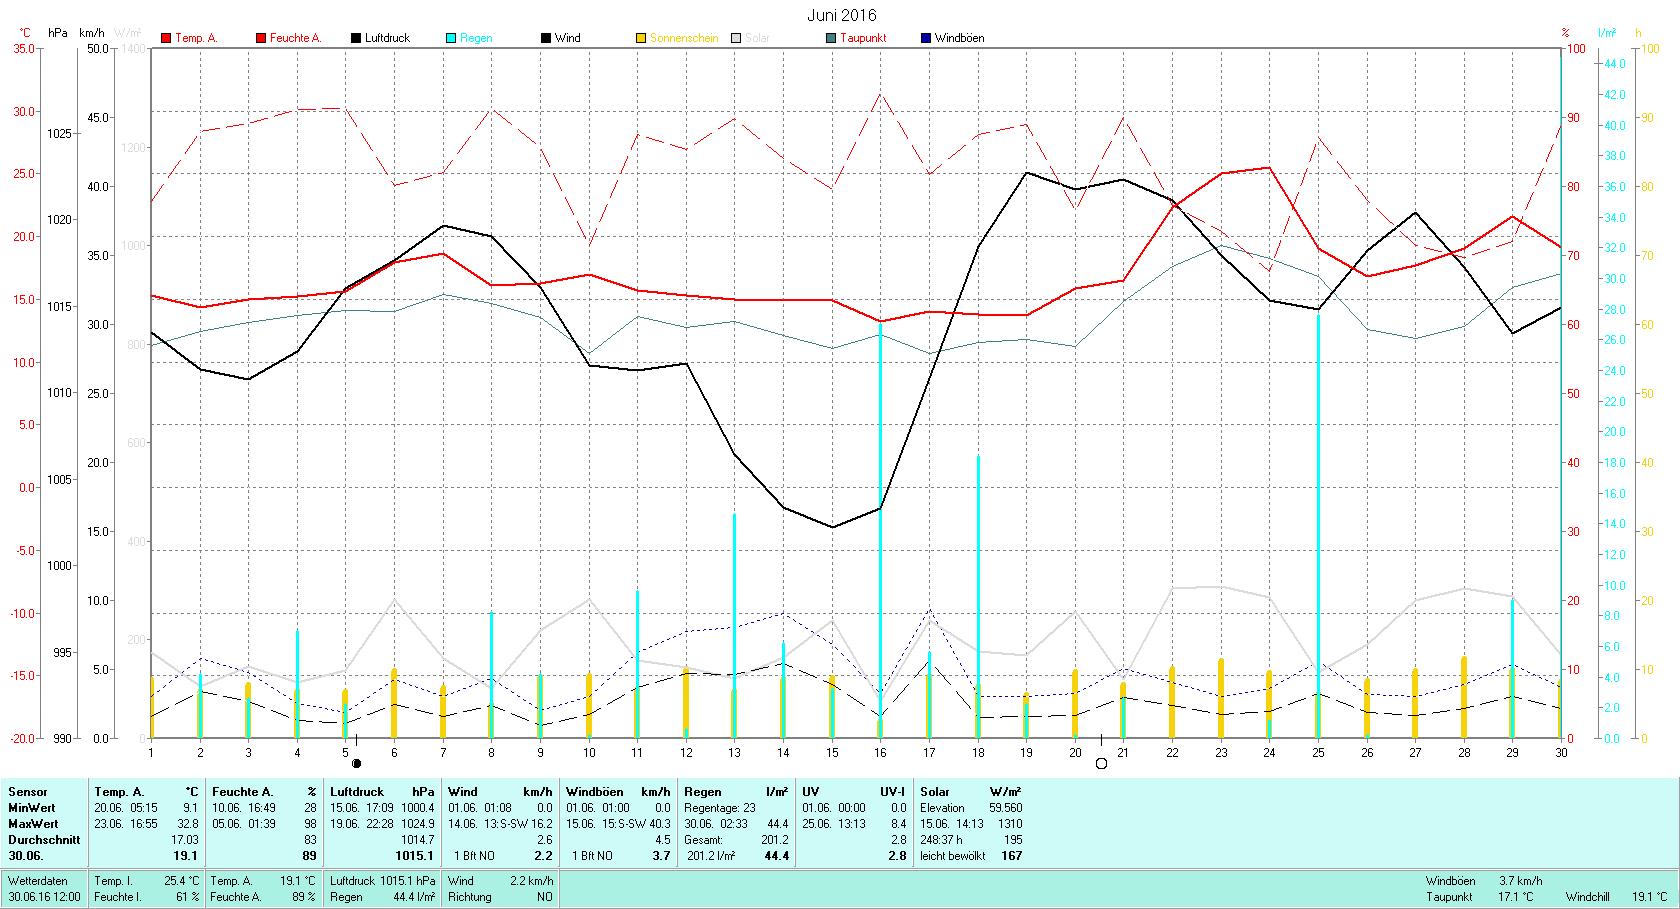 Juni 2016 Tmin 9.1°C, Tmax 32.8°C, Sonne 248:37h, Niederschlag 201.2mm/2